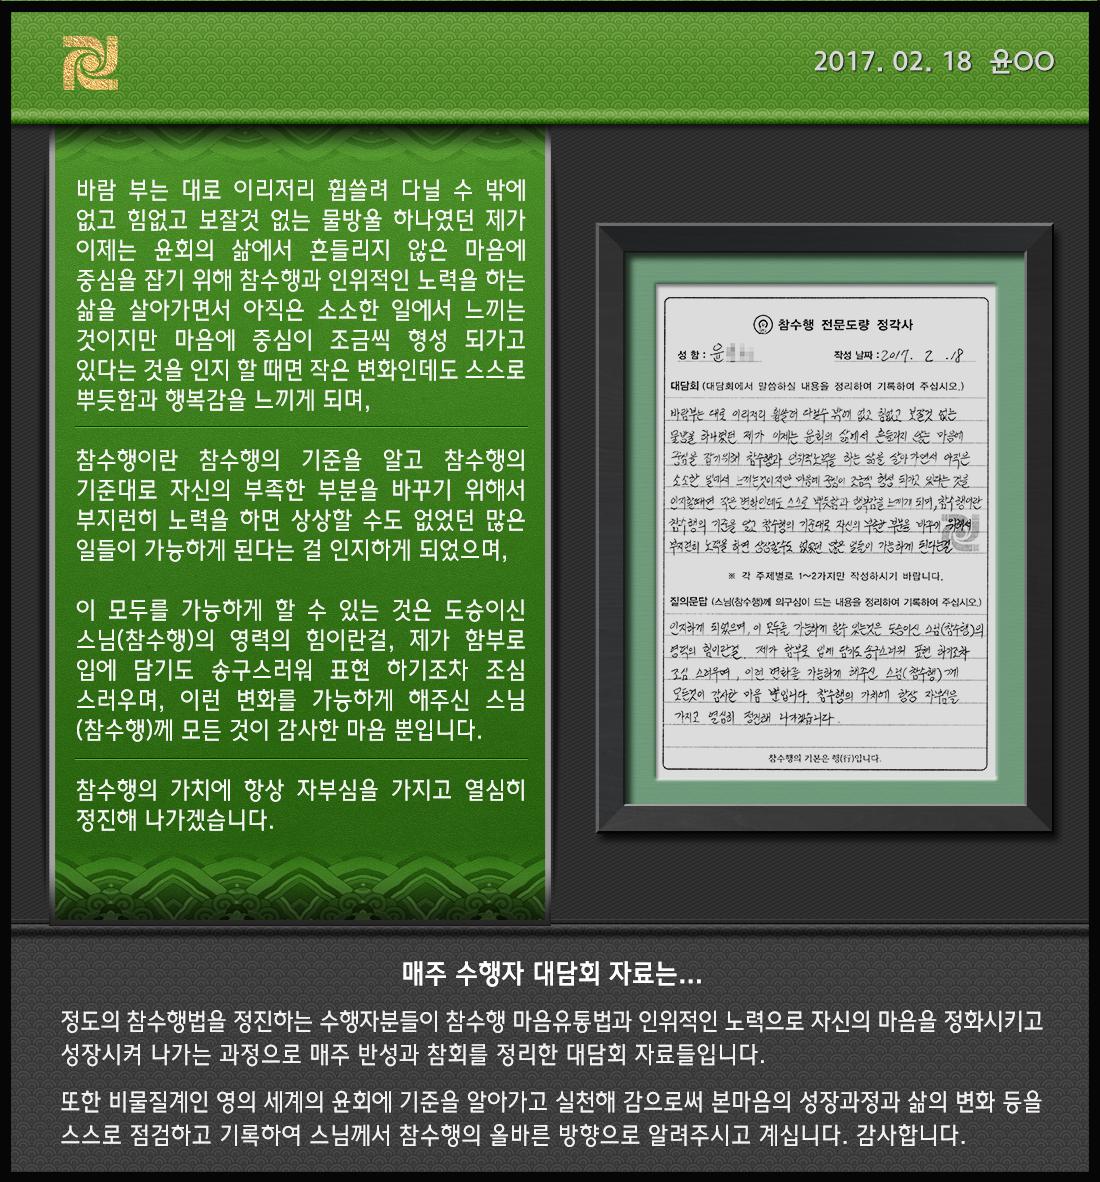 3. 대구 윤용희님(2017.02.18)-F.jpg